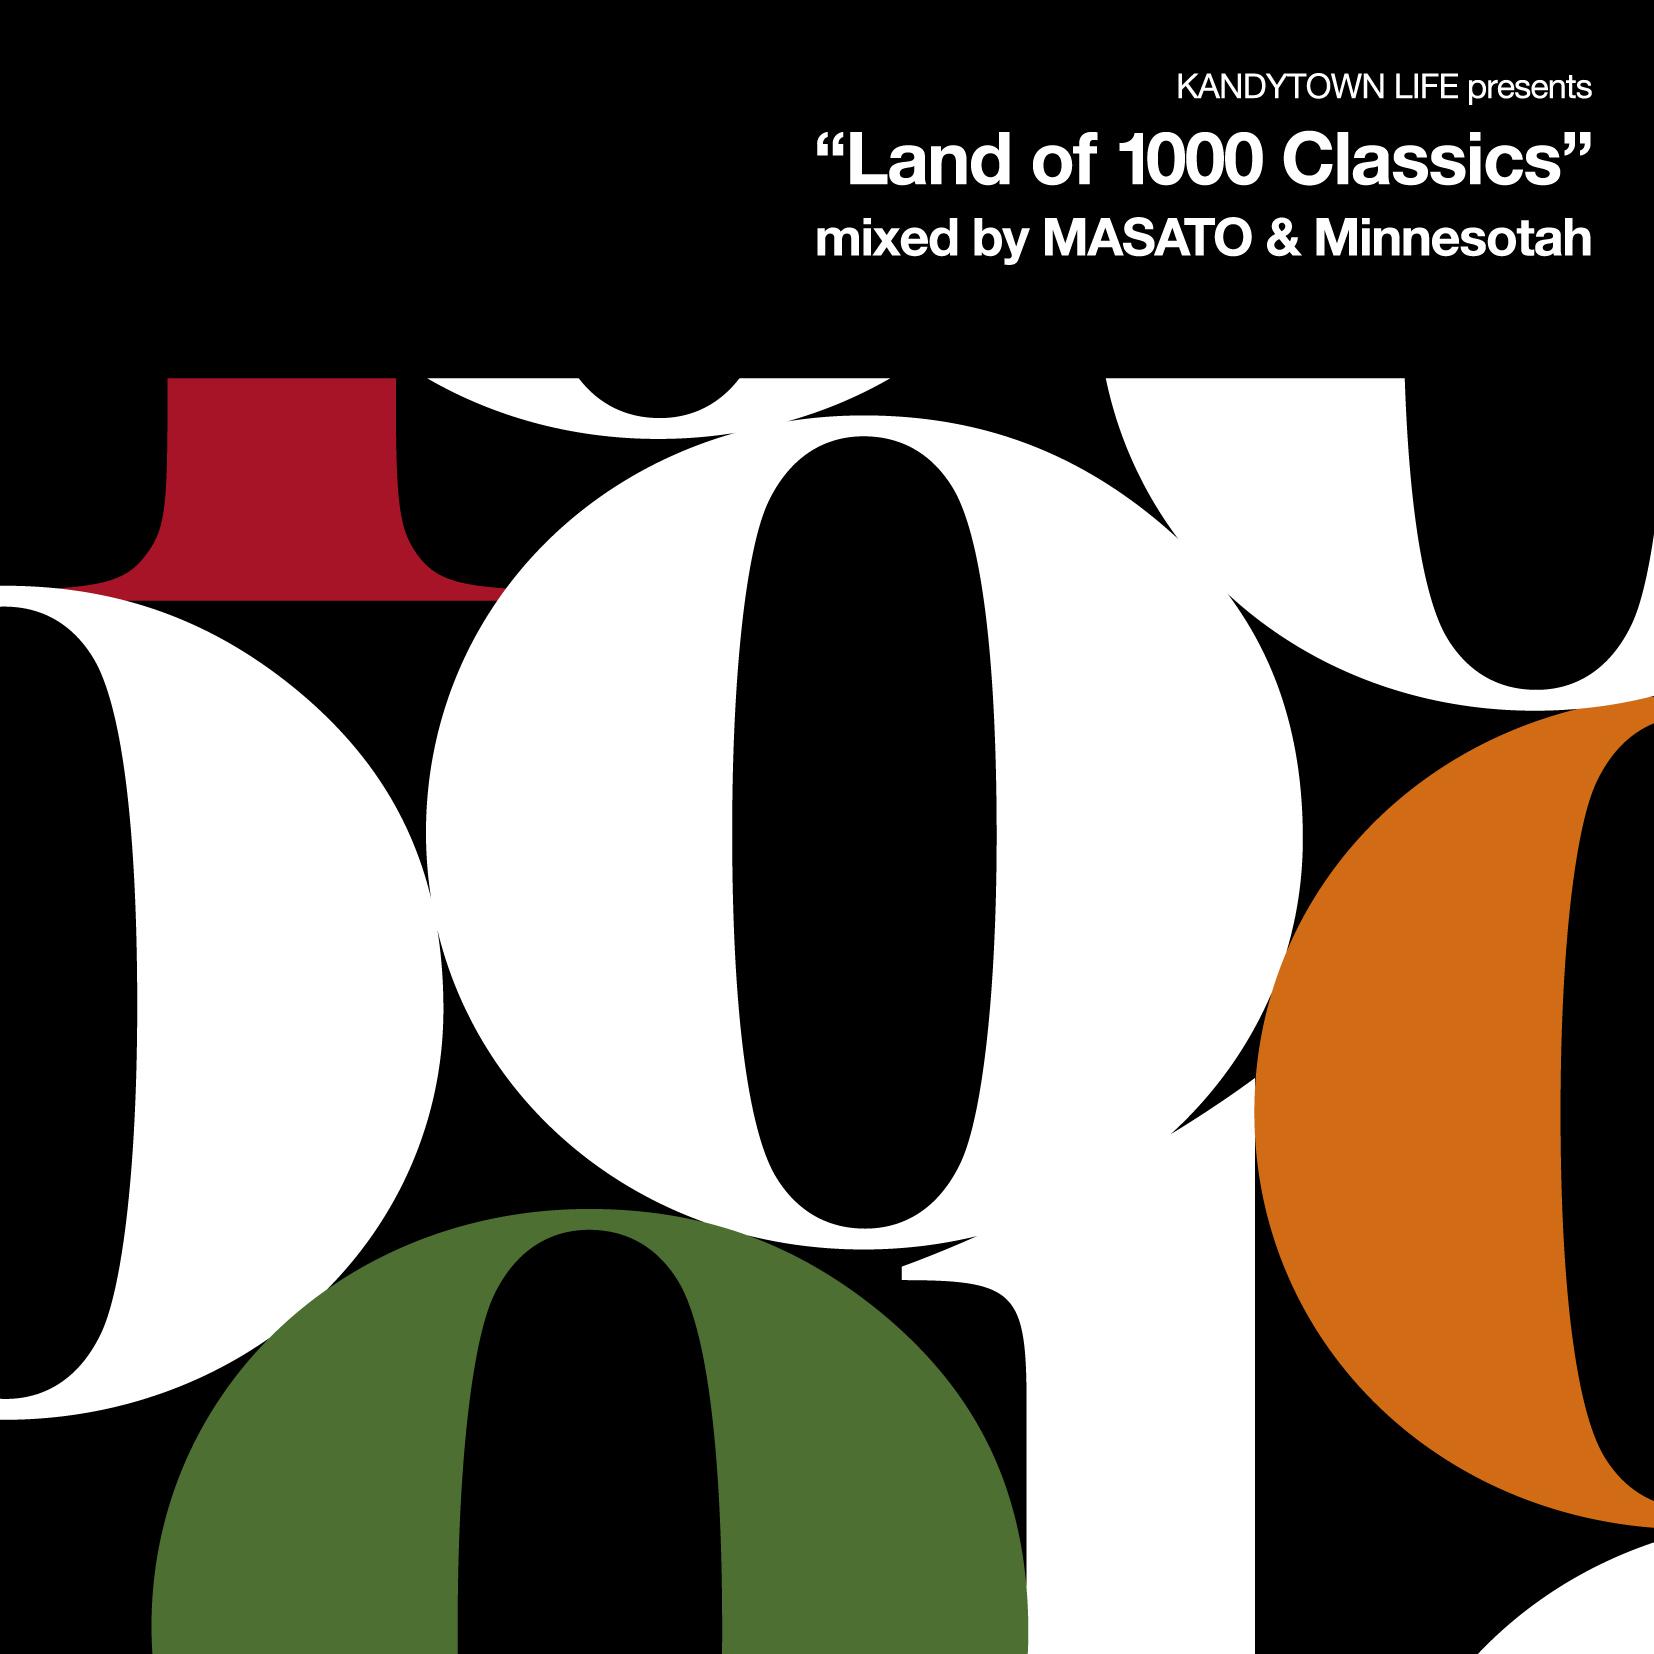 Landof1000classics_B_01